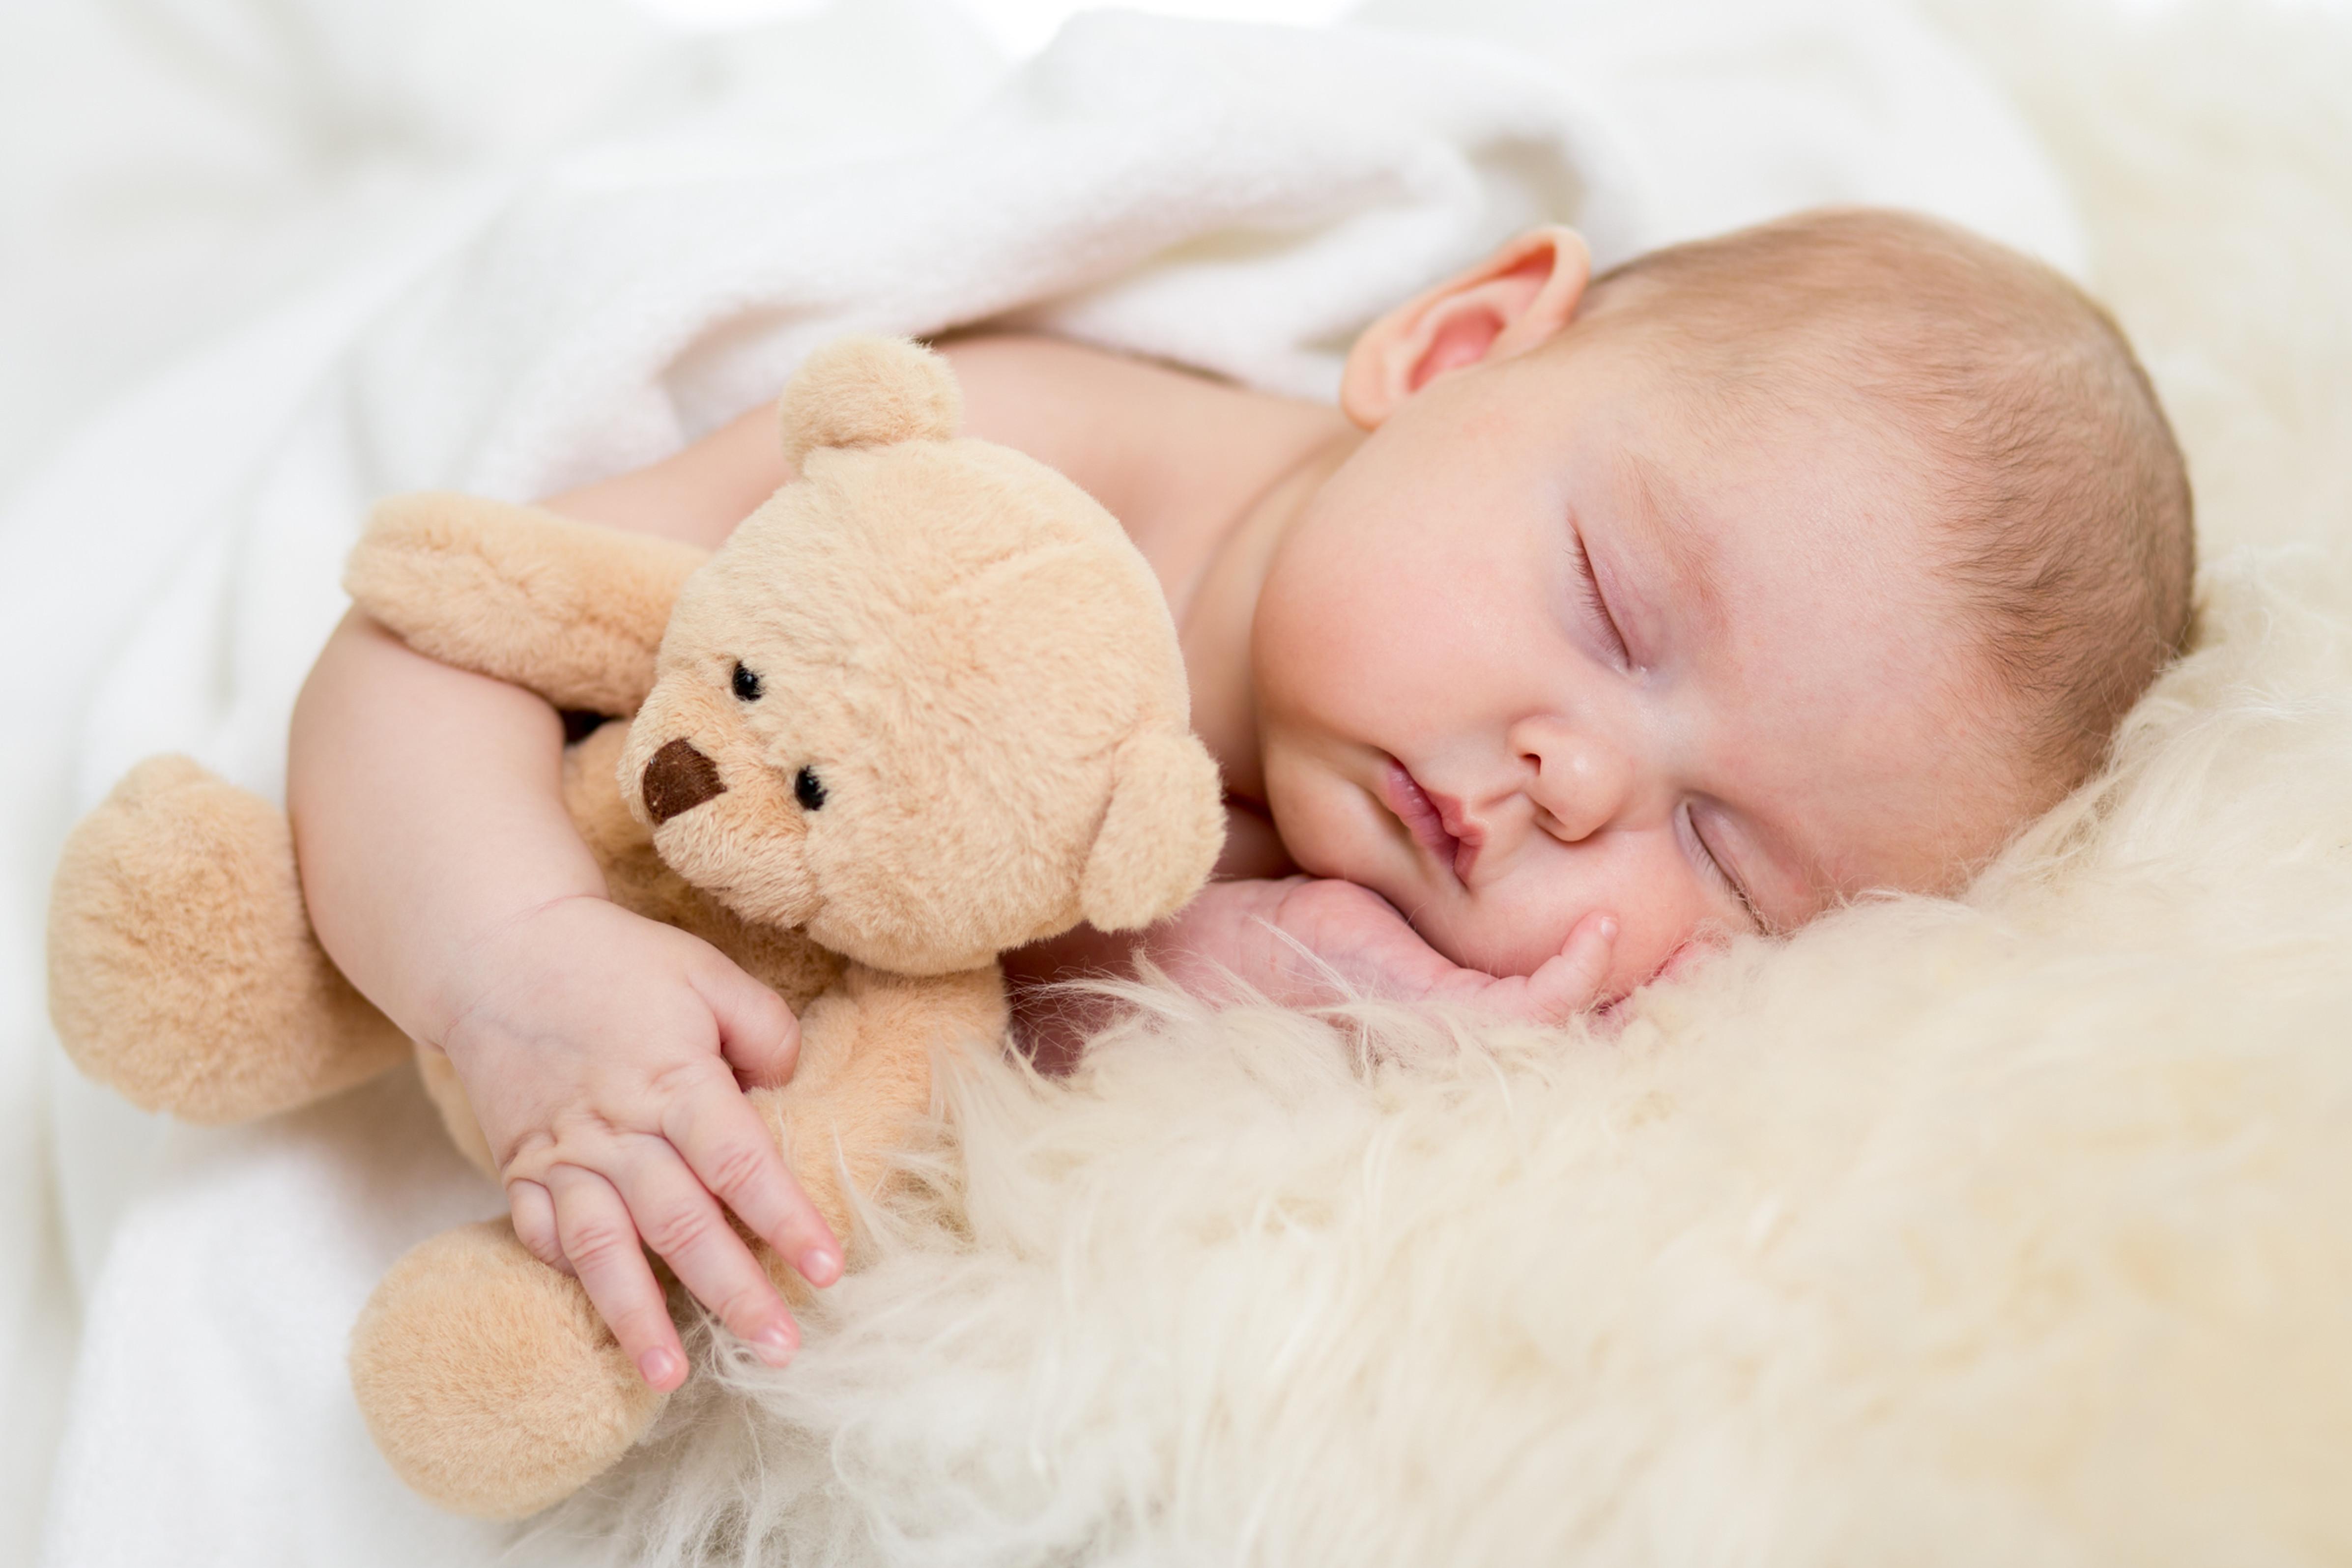 Newborn Photo Shoot in Studio